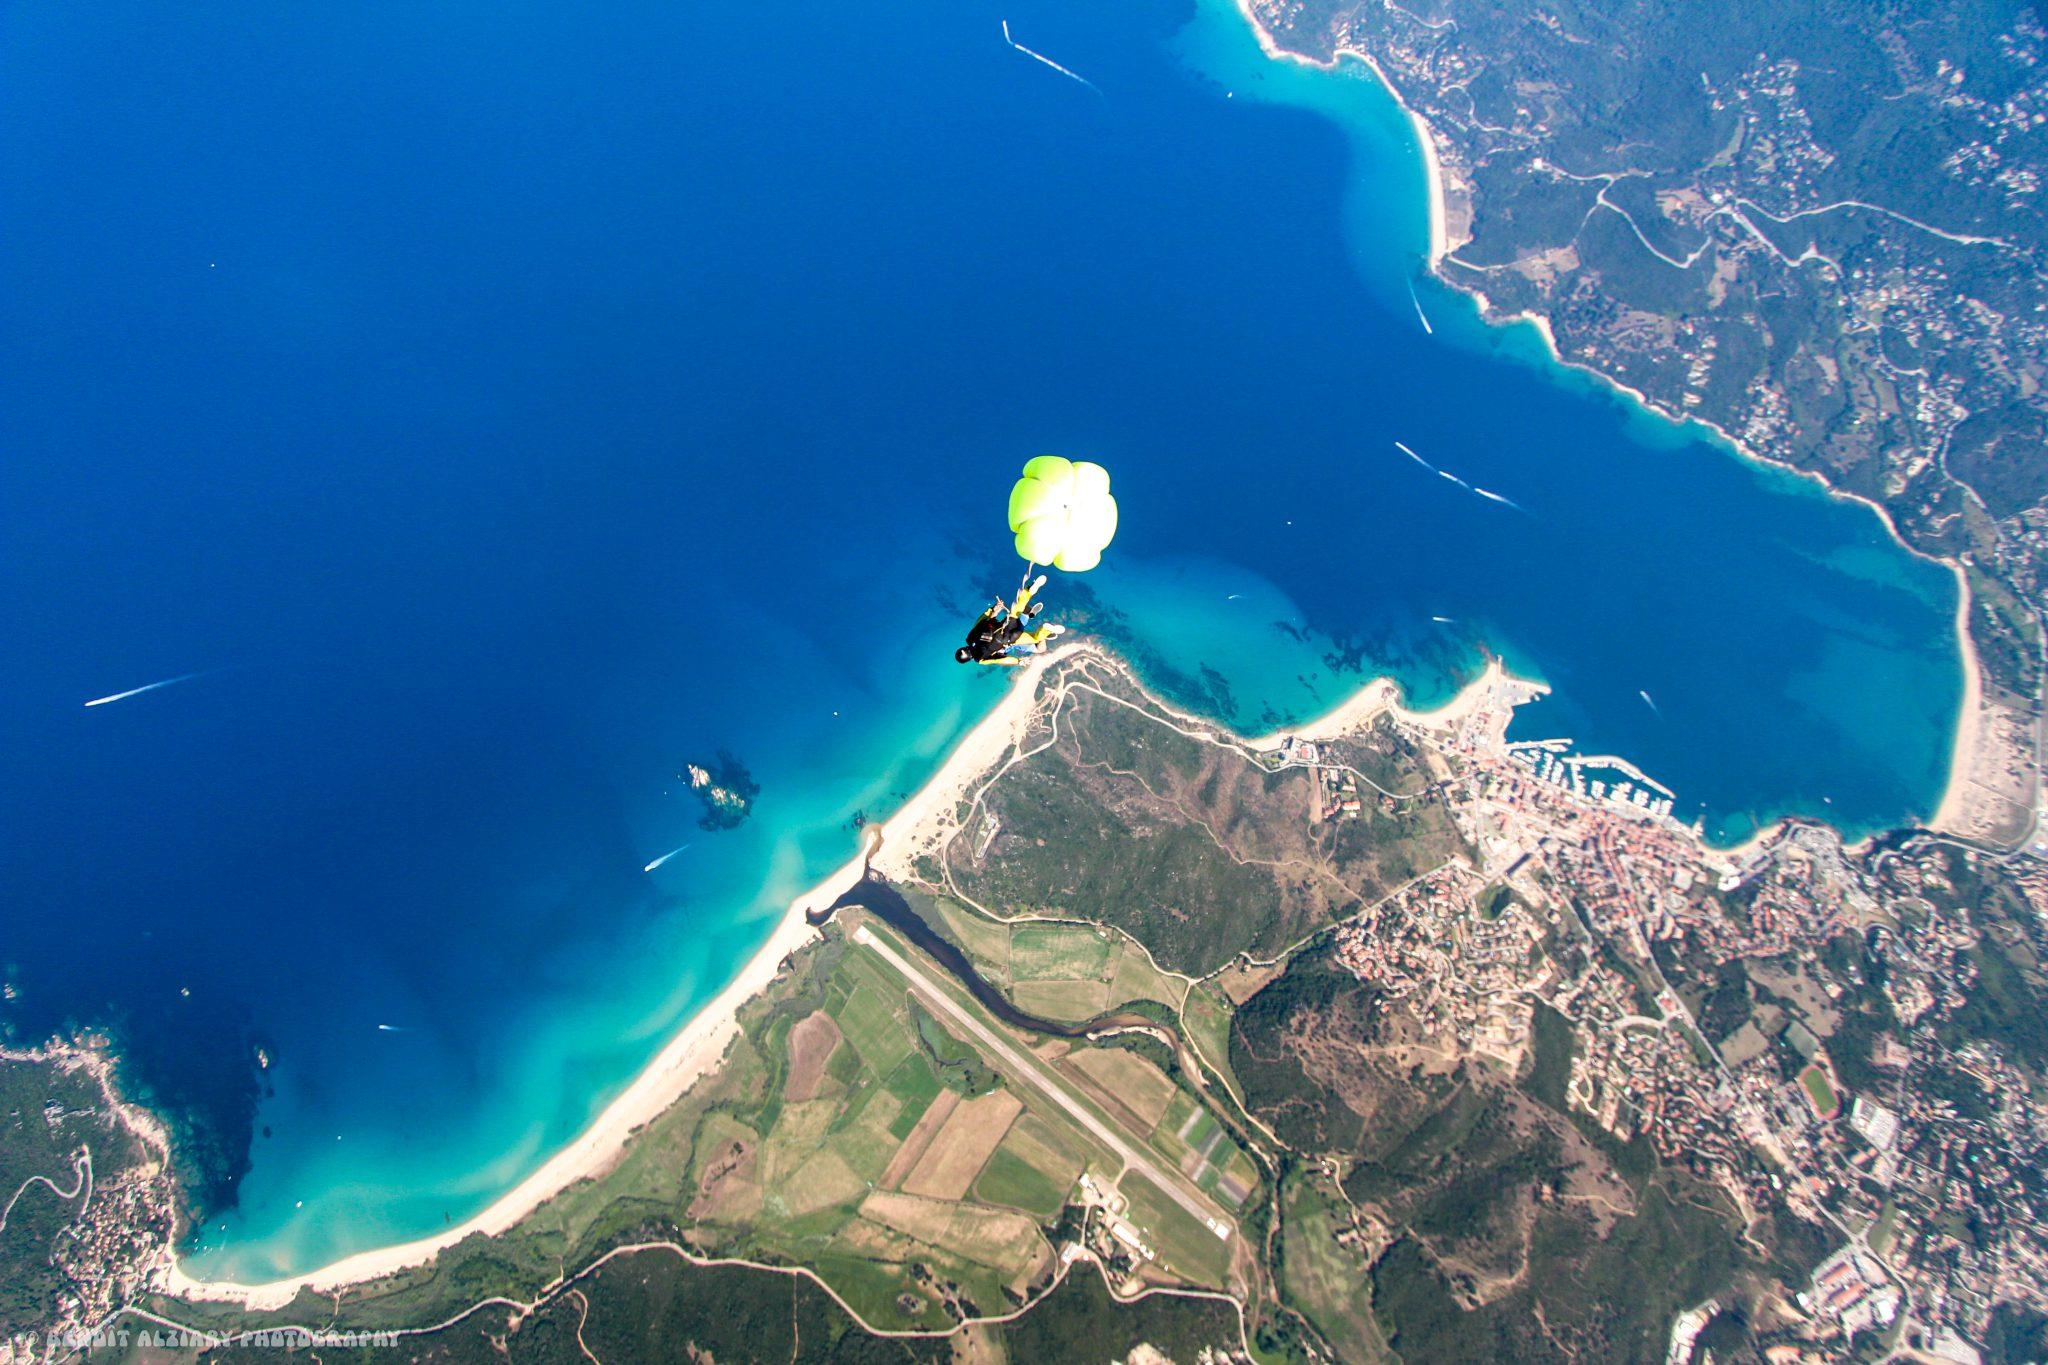 Ecole parachutisme Propriano. Golfe du Valinco